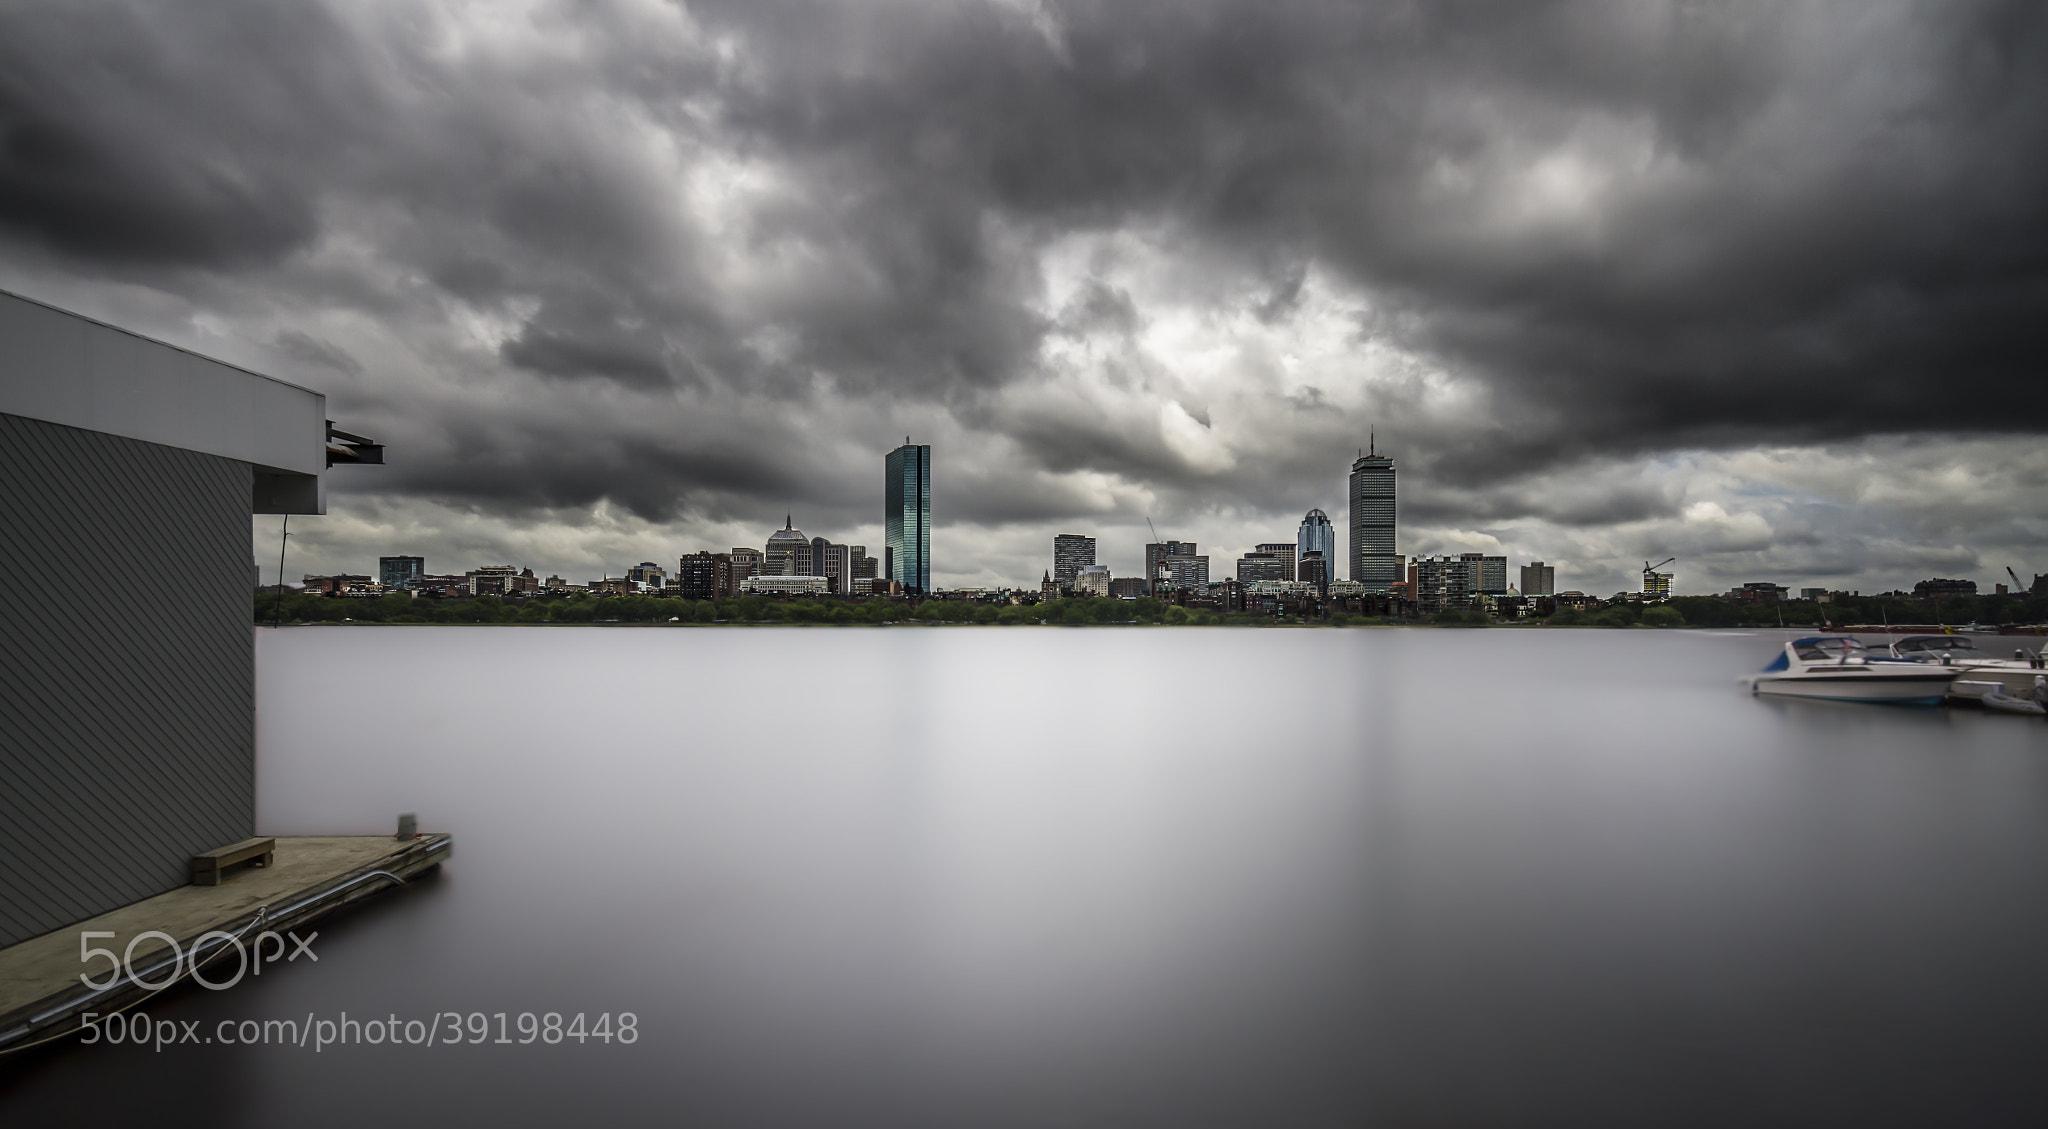 Photograph Stormy Boston by Kerim Hadzi on 500px